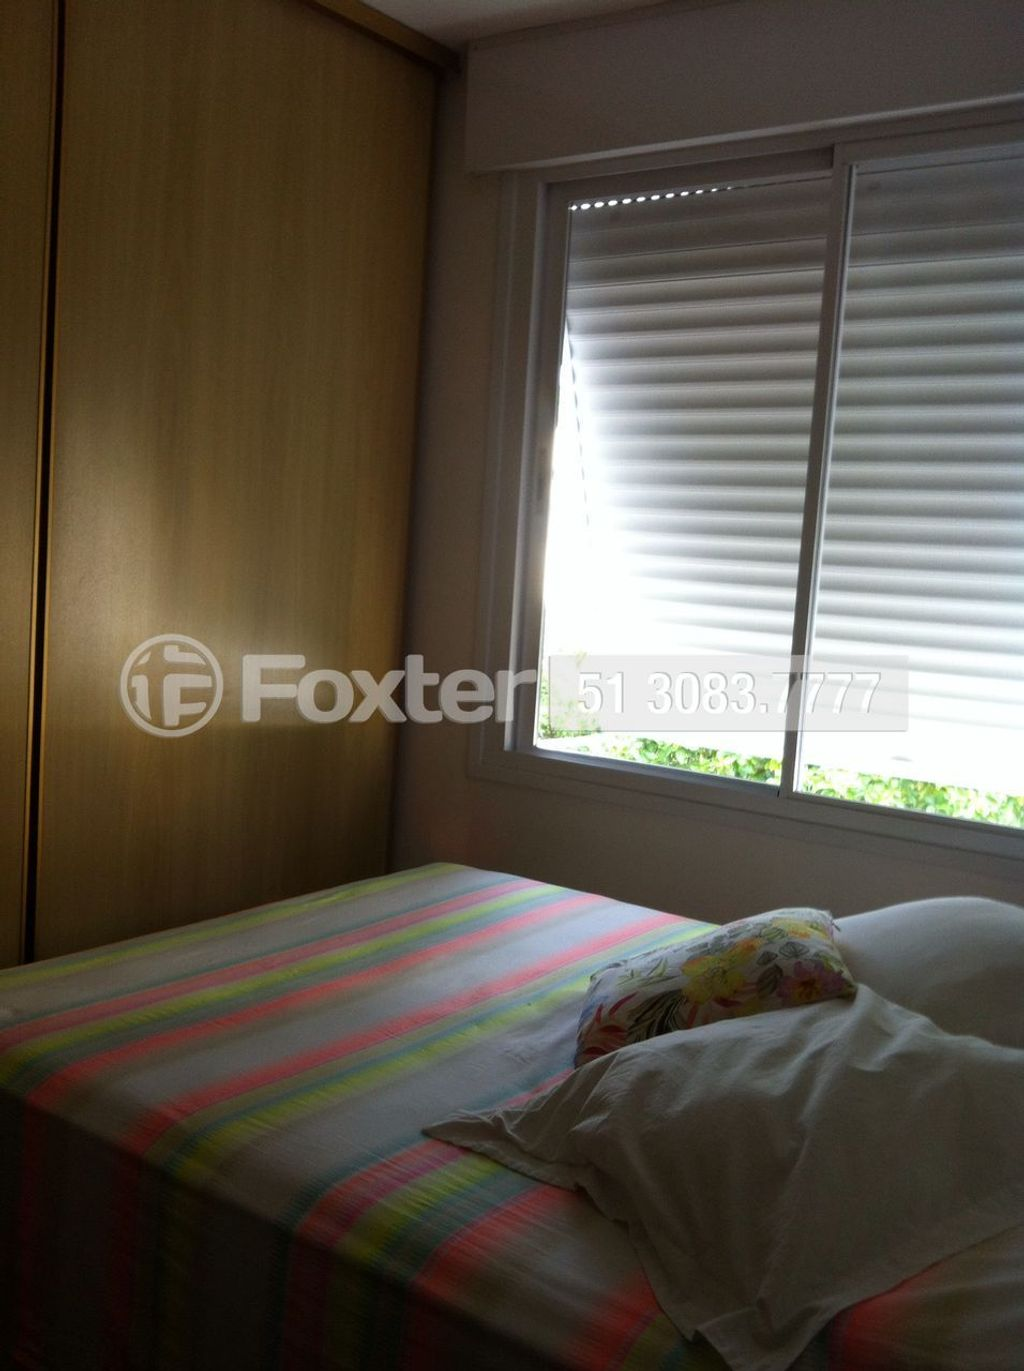 Apto 1 Dorm, Menino Deus, Porto Alegre (143599) - Foto 5